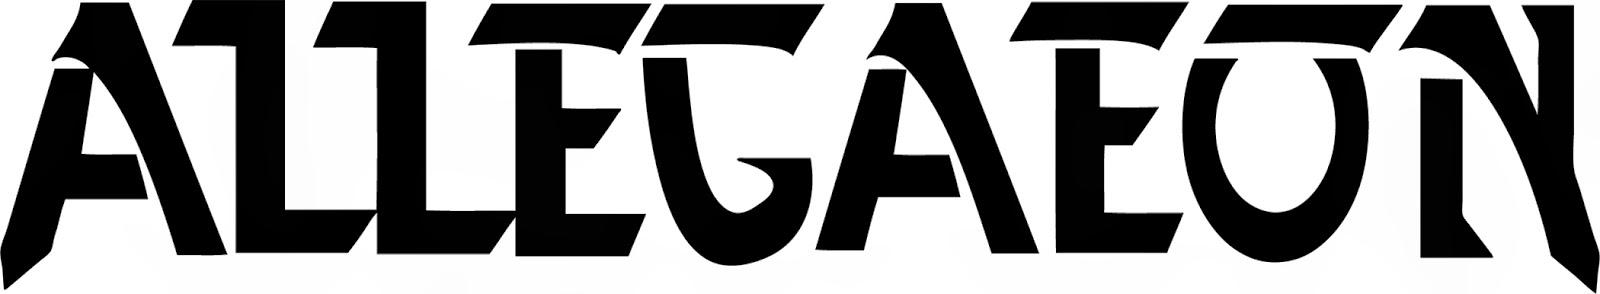 Logo Allegaeon